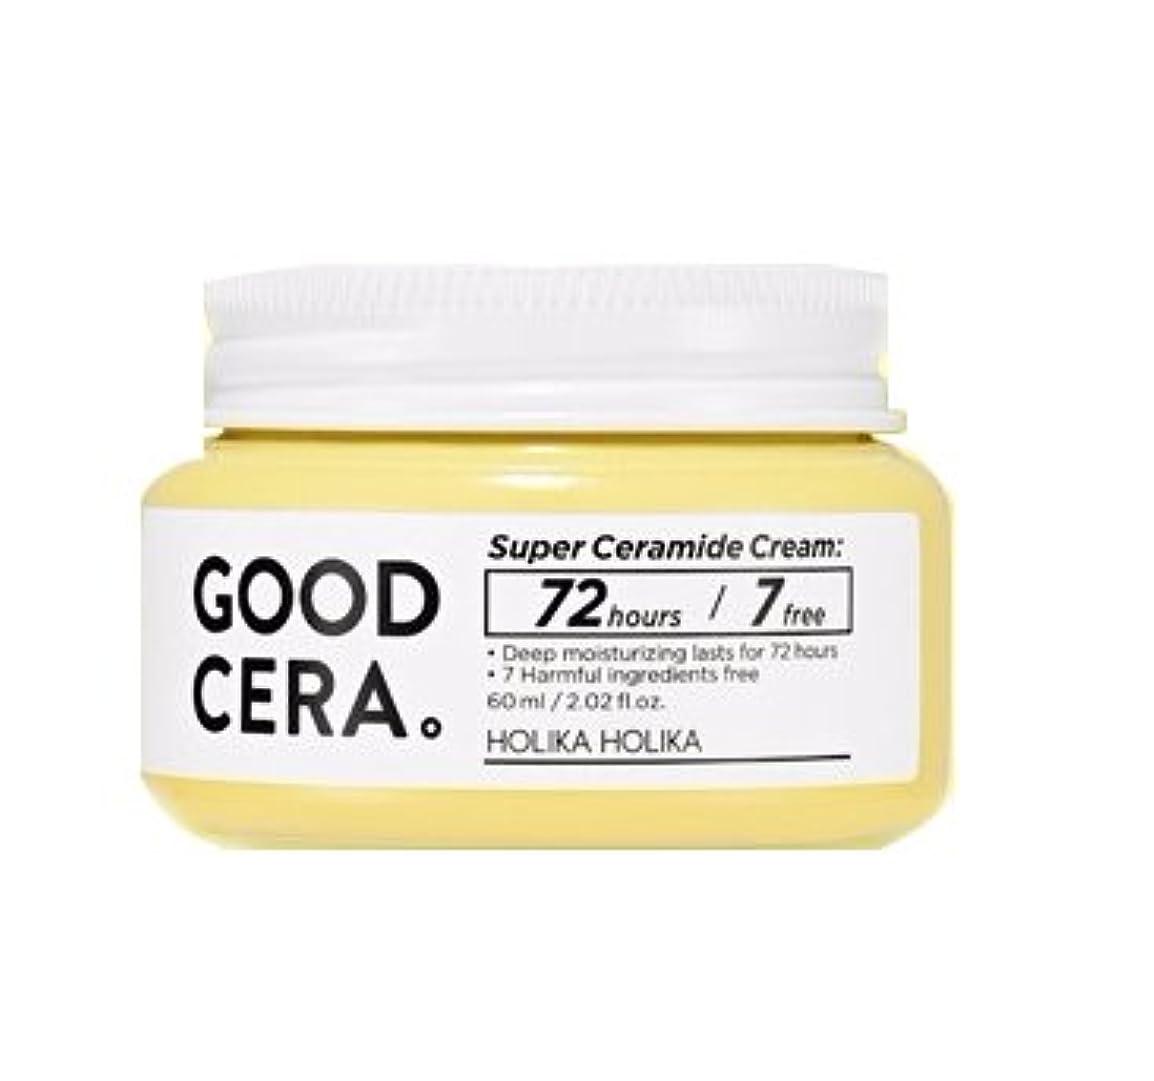 レンドスケート努力する[NEW] ホリカホリカ スーパーセラミドクリーム 60ml / HOLIKA HOLIKA Super Ceramide Cream [並行輸入品]